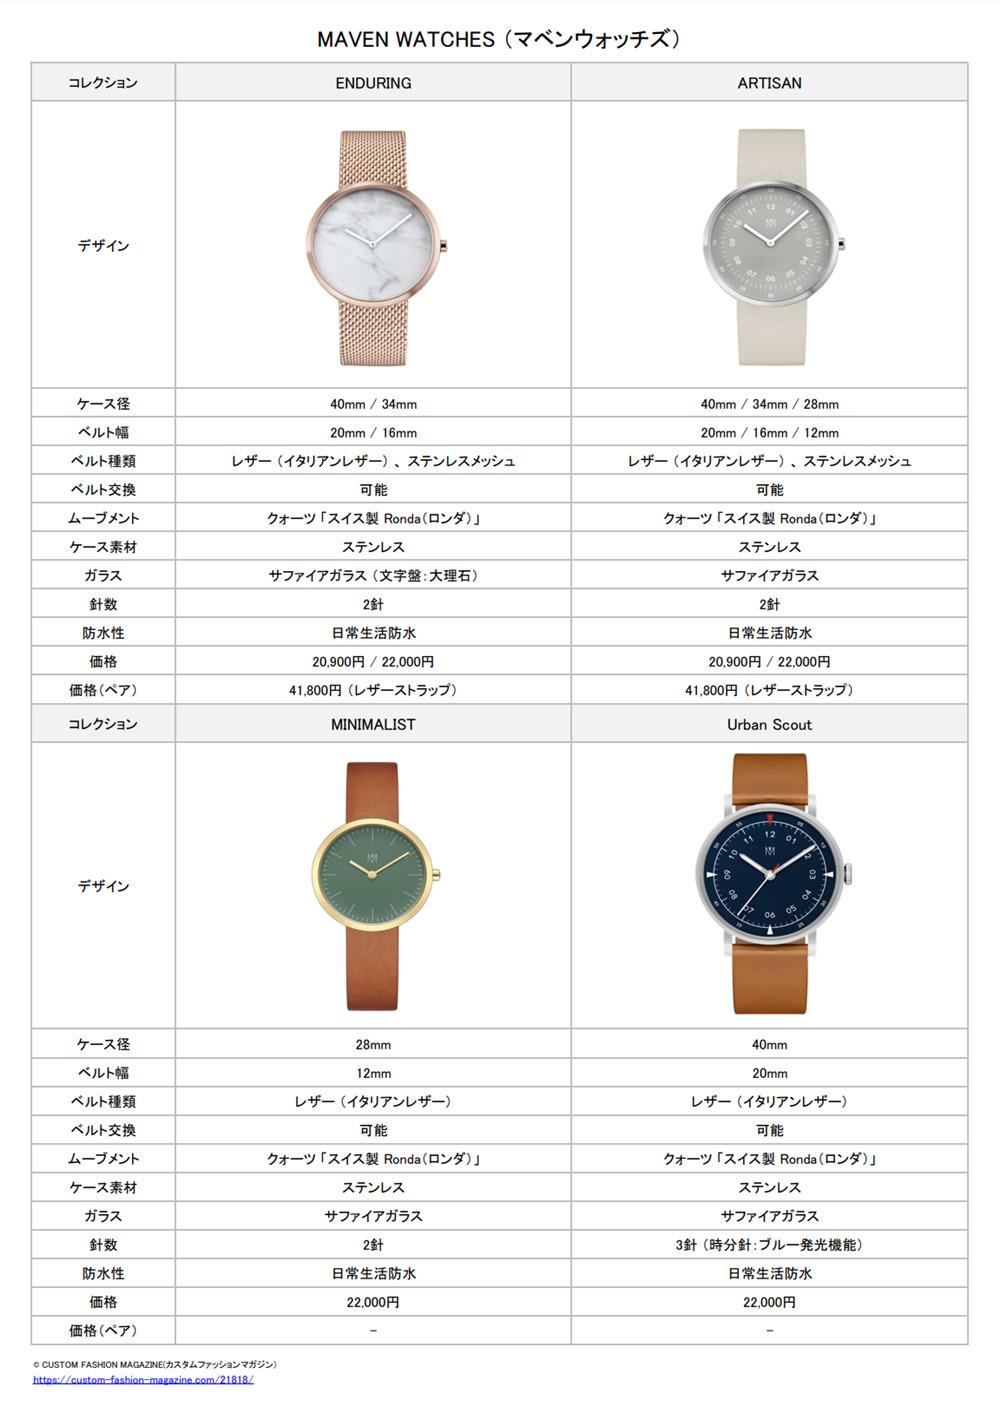 mavenwatches